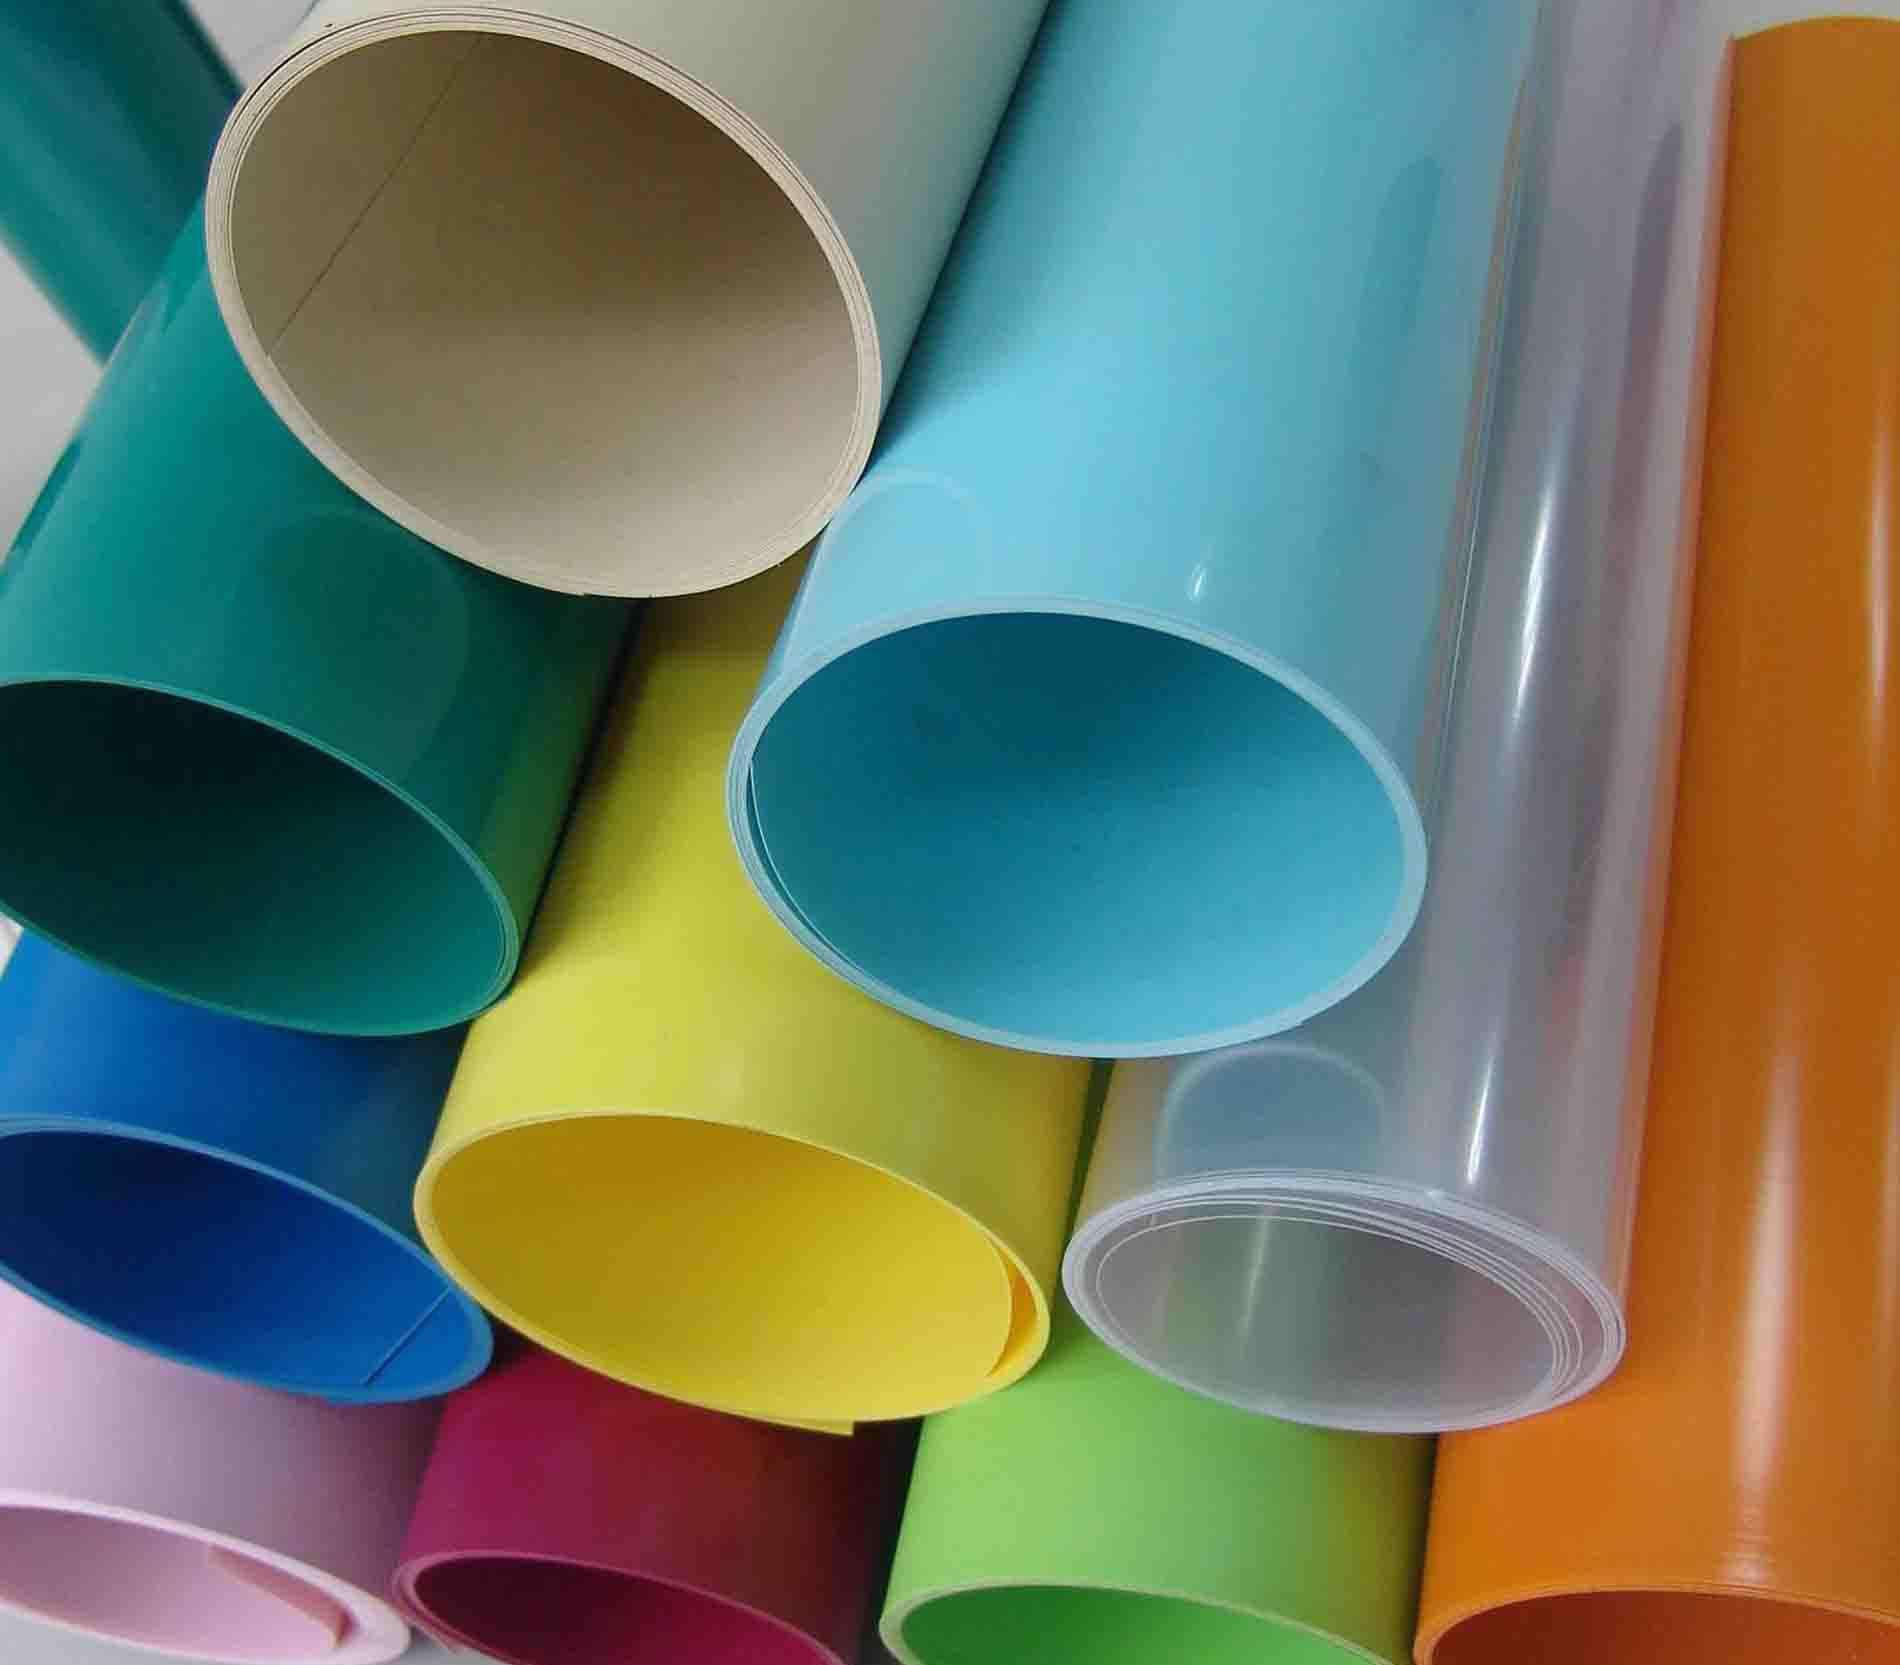 2020年埃塞俄比亚塑料包装展-非洲会展推荐